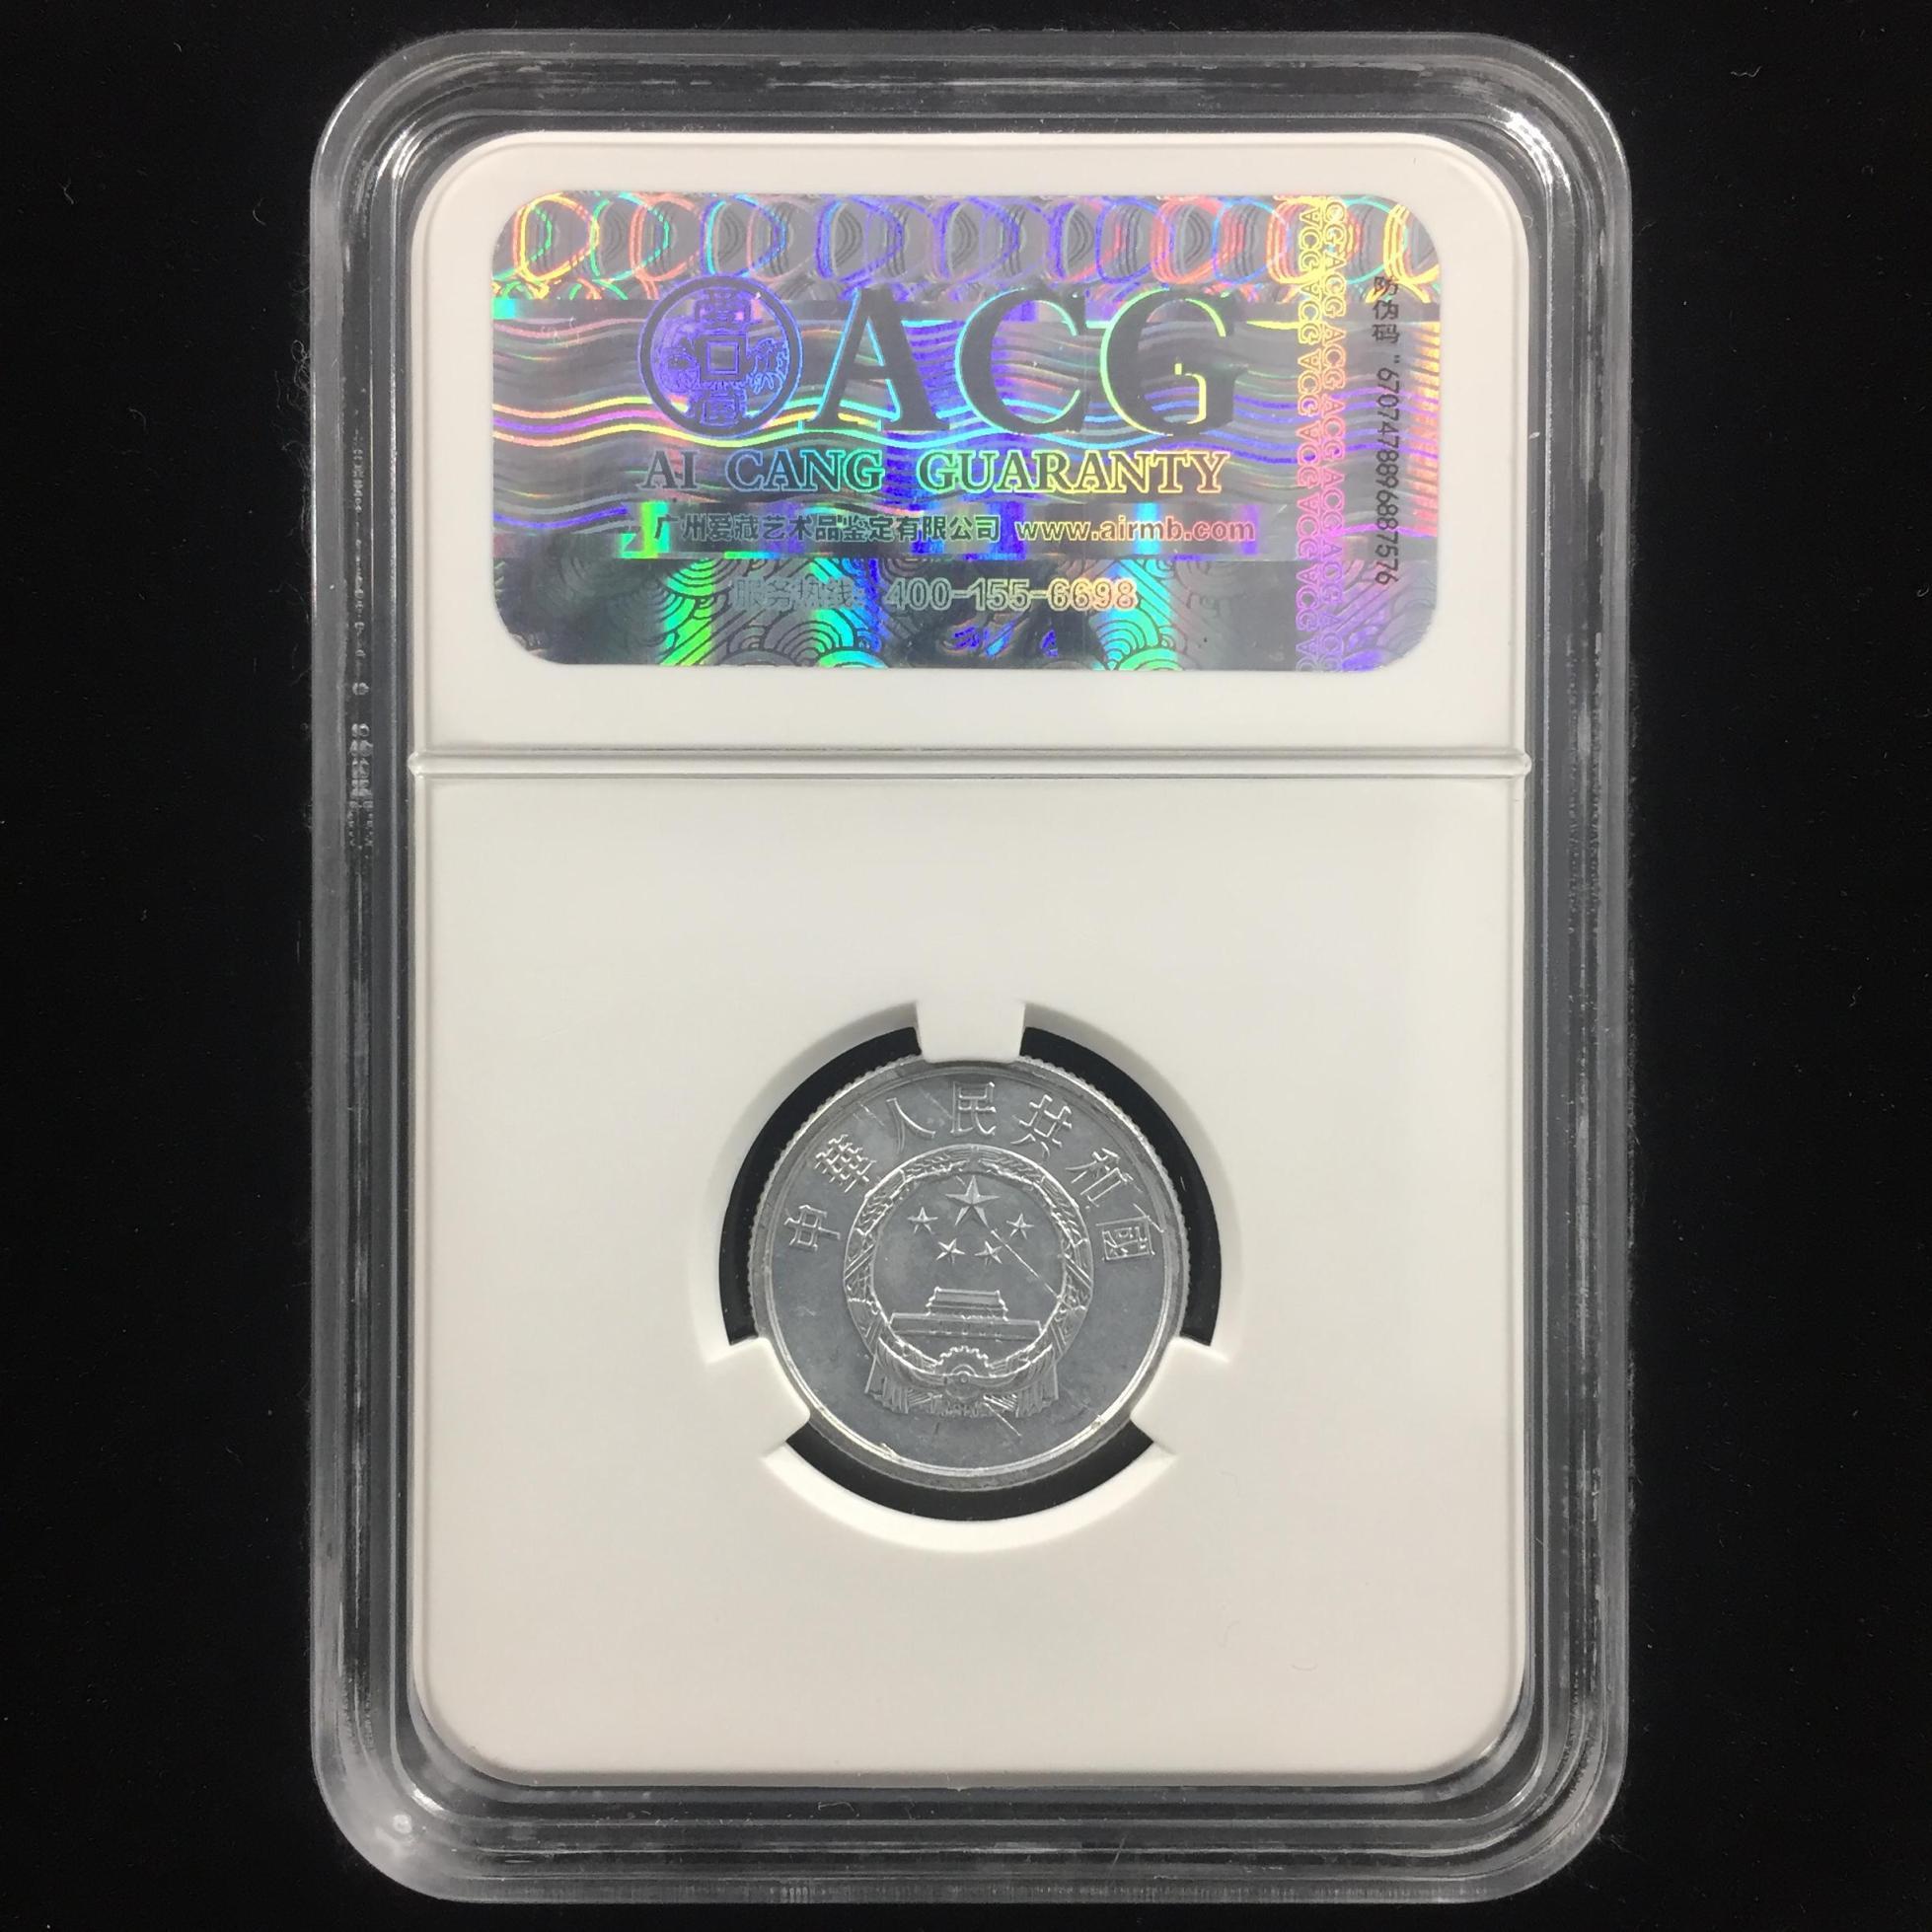 模裂币→1983年2分硬币→ACG鉴定证书-10757309